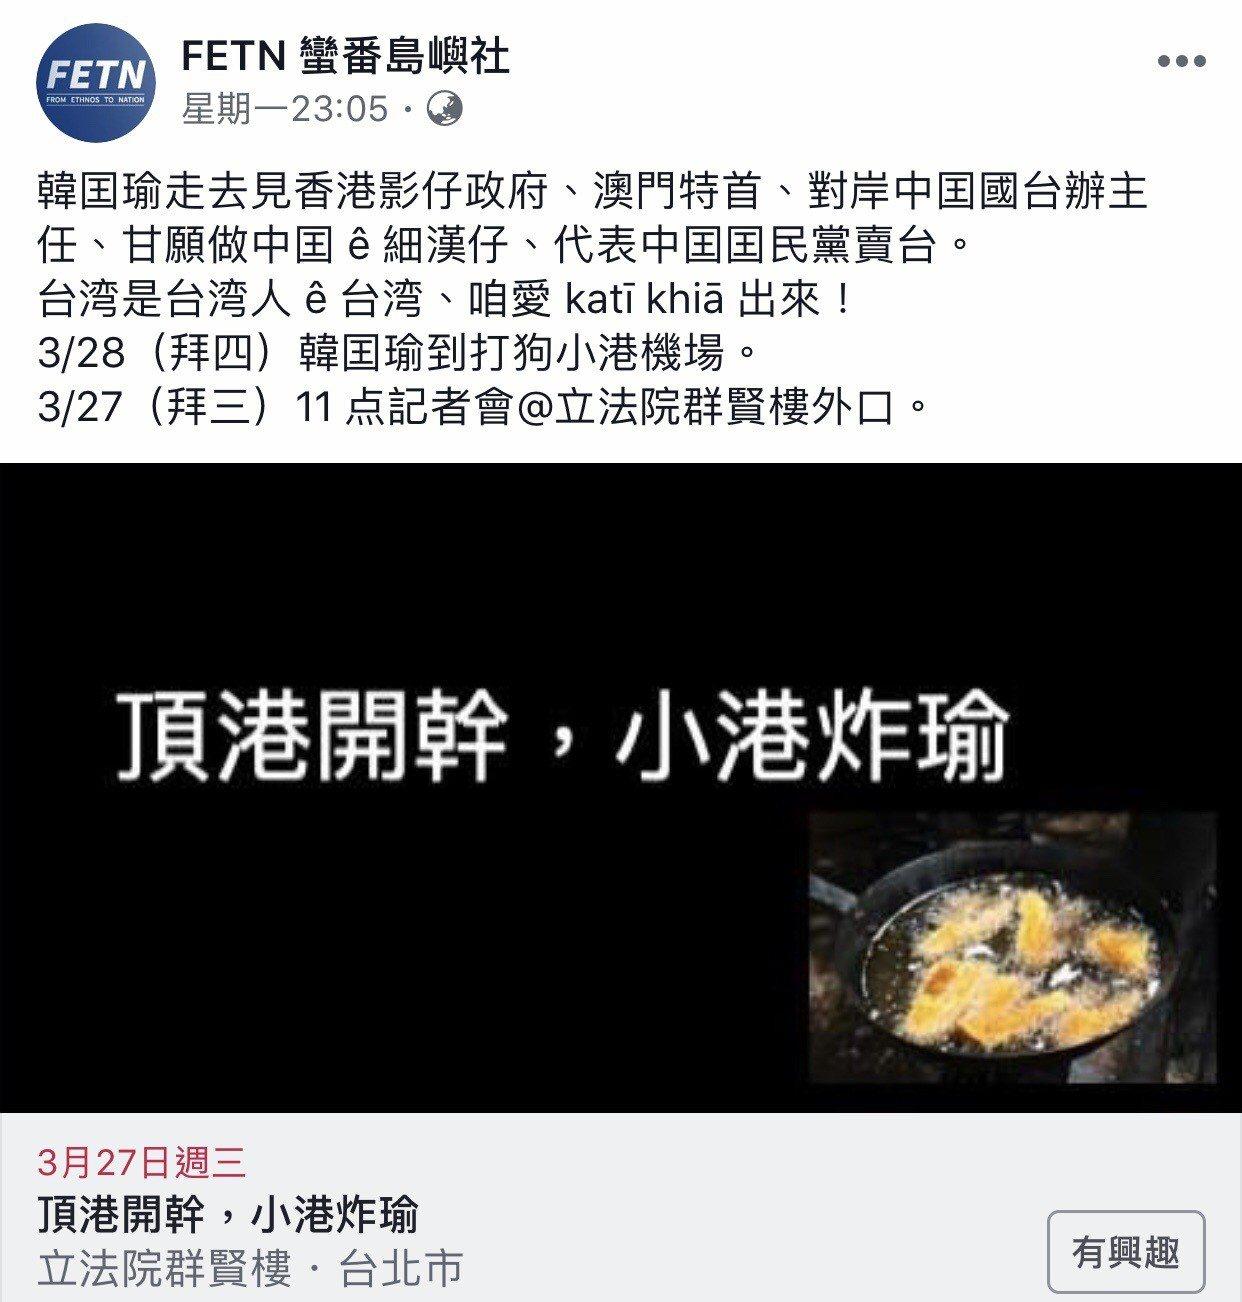 獨派團體「 FETN蠻番島嶼社」在臉書號召「頂上開幹小港炸瑜」。圖/取自臉書